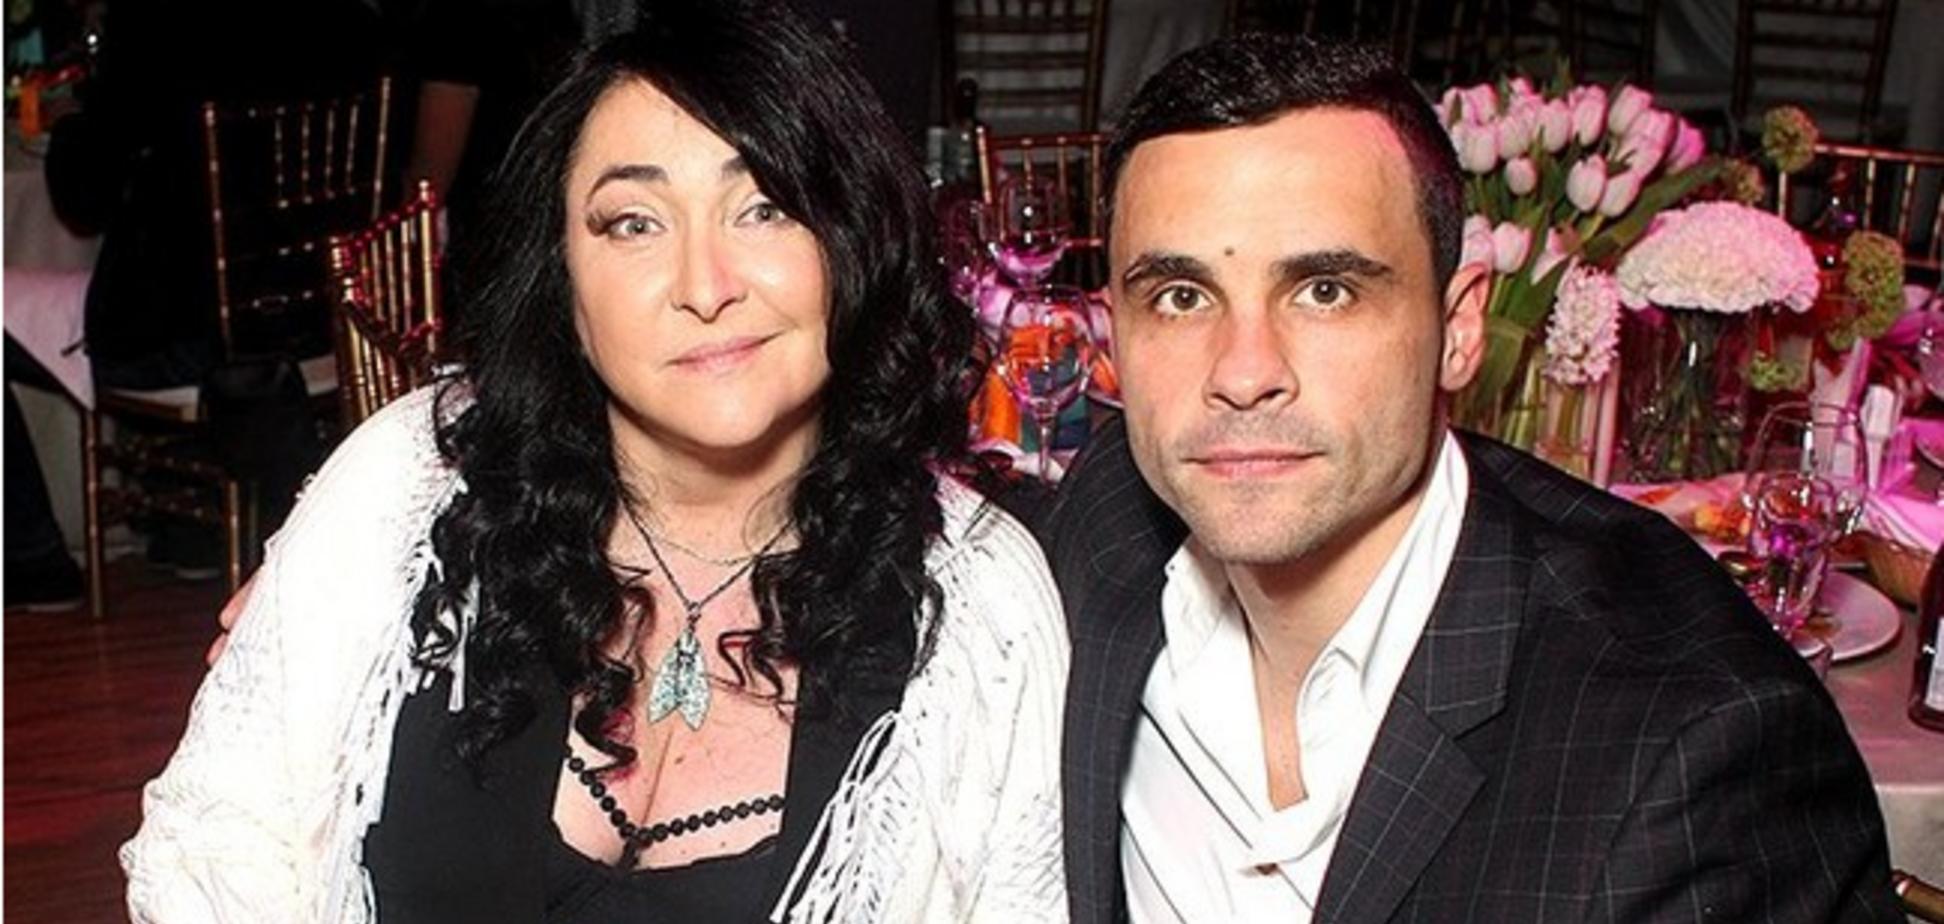 Лолита официально развелась с мужем: Иванов сразу пошел в полицию